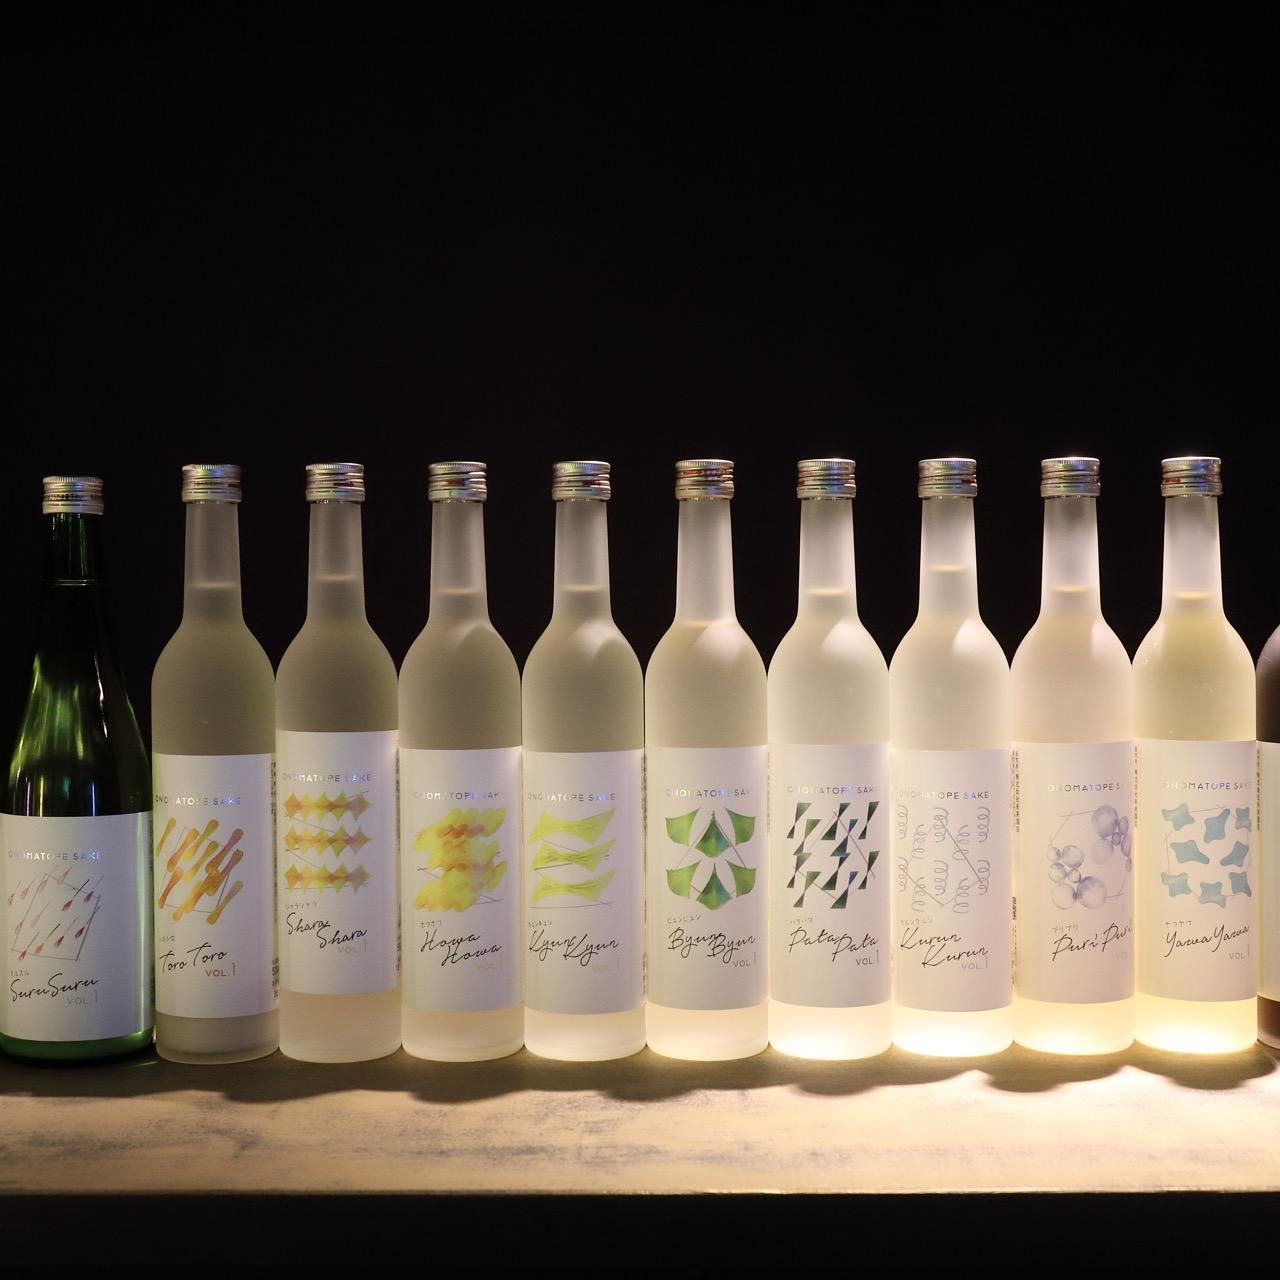 10口飲むだけで好みの日本酒がわかる。試飲データによるAI判定のスゴい実力